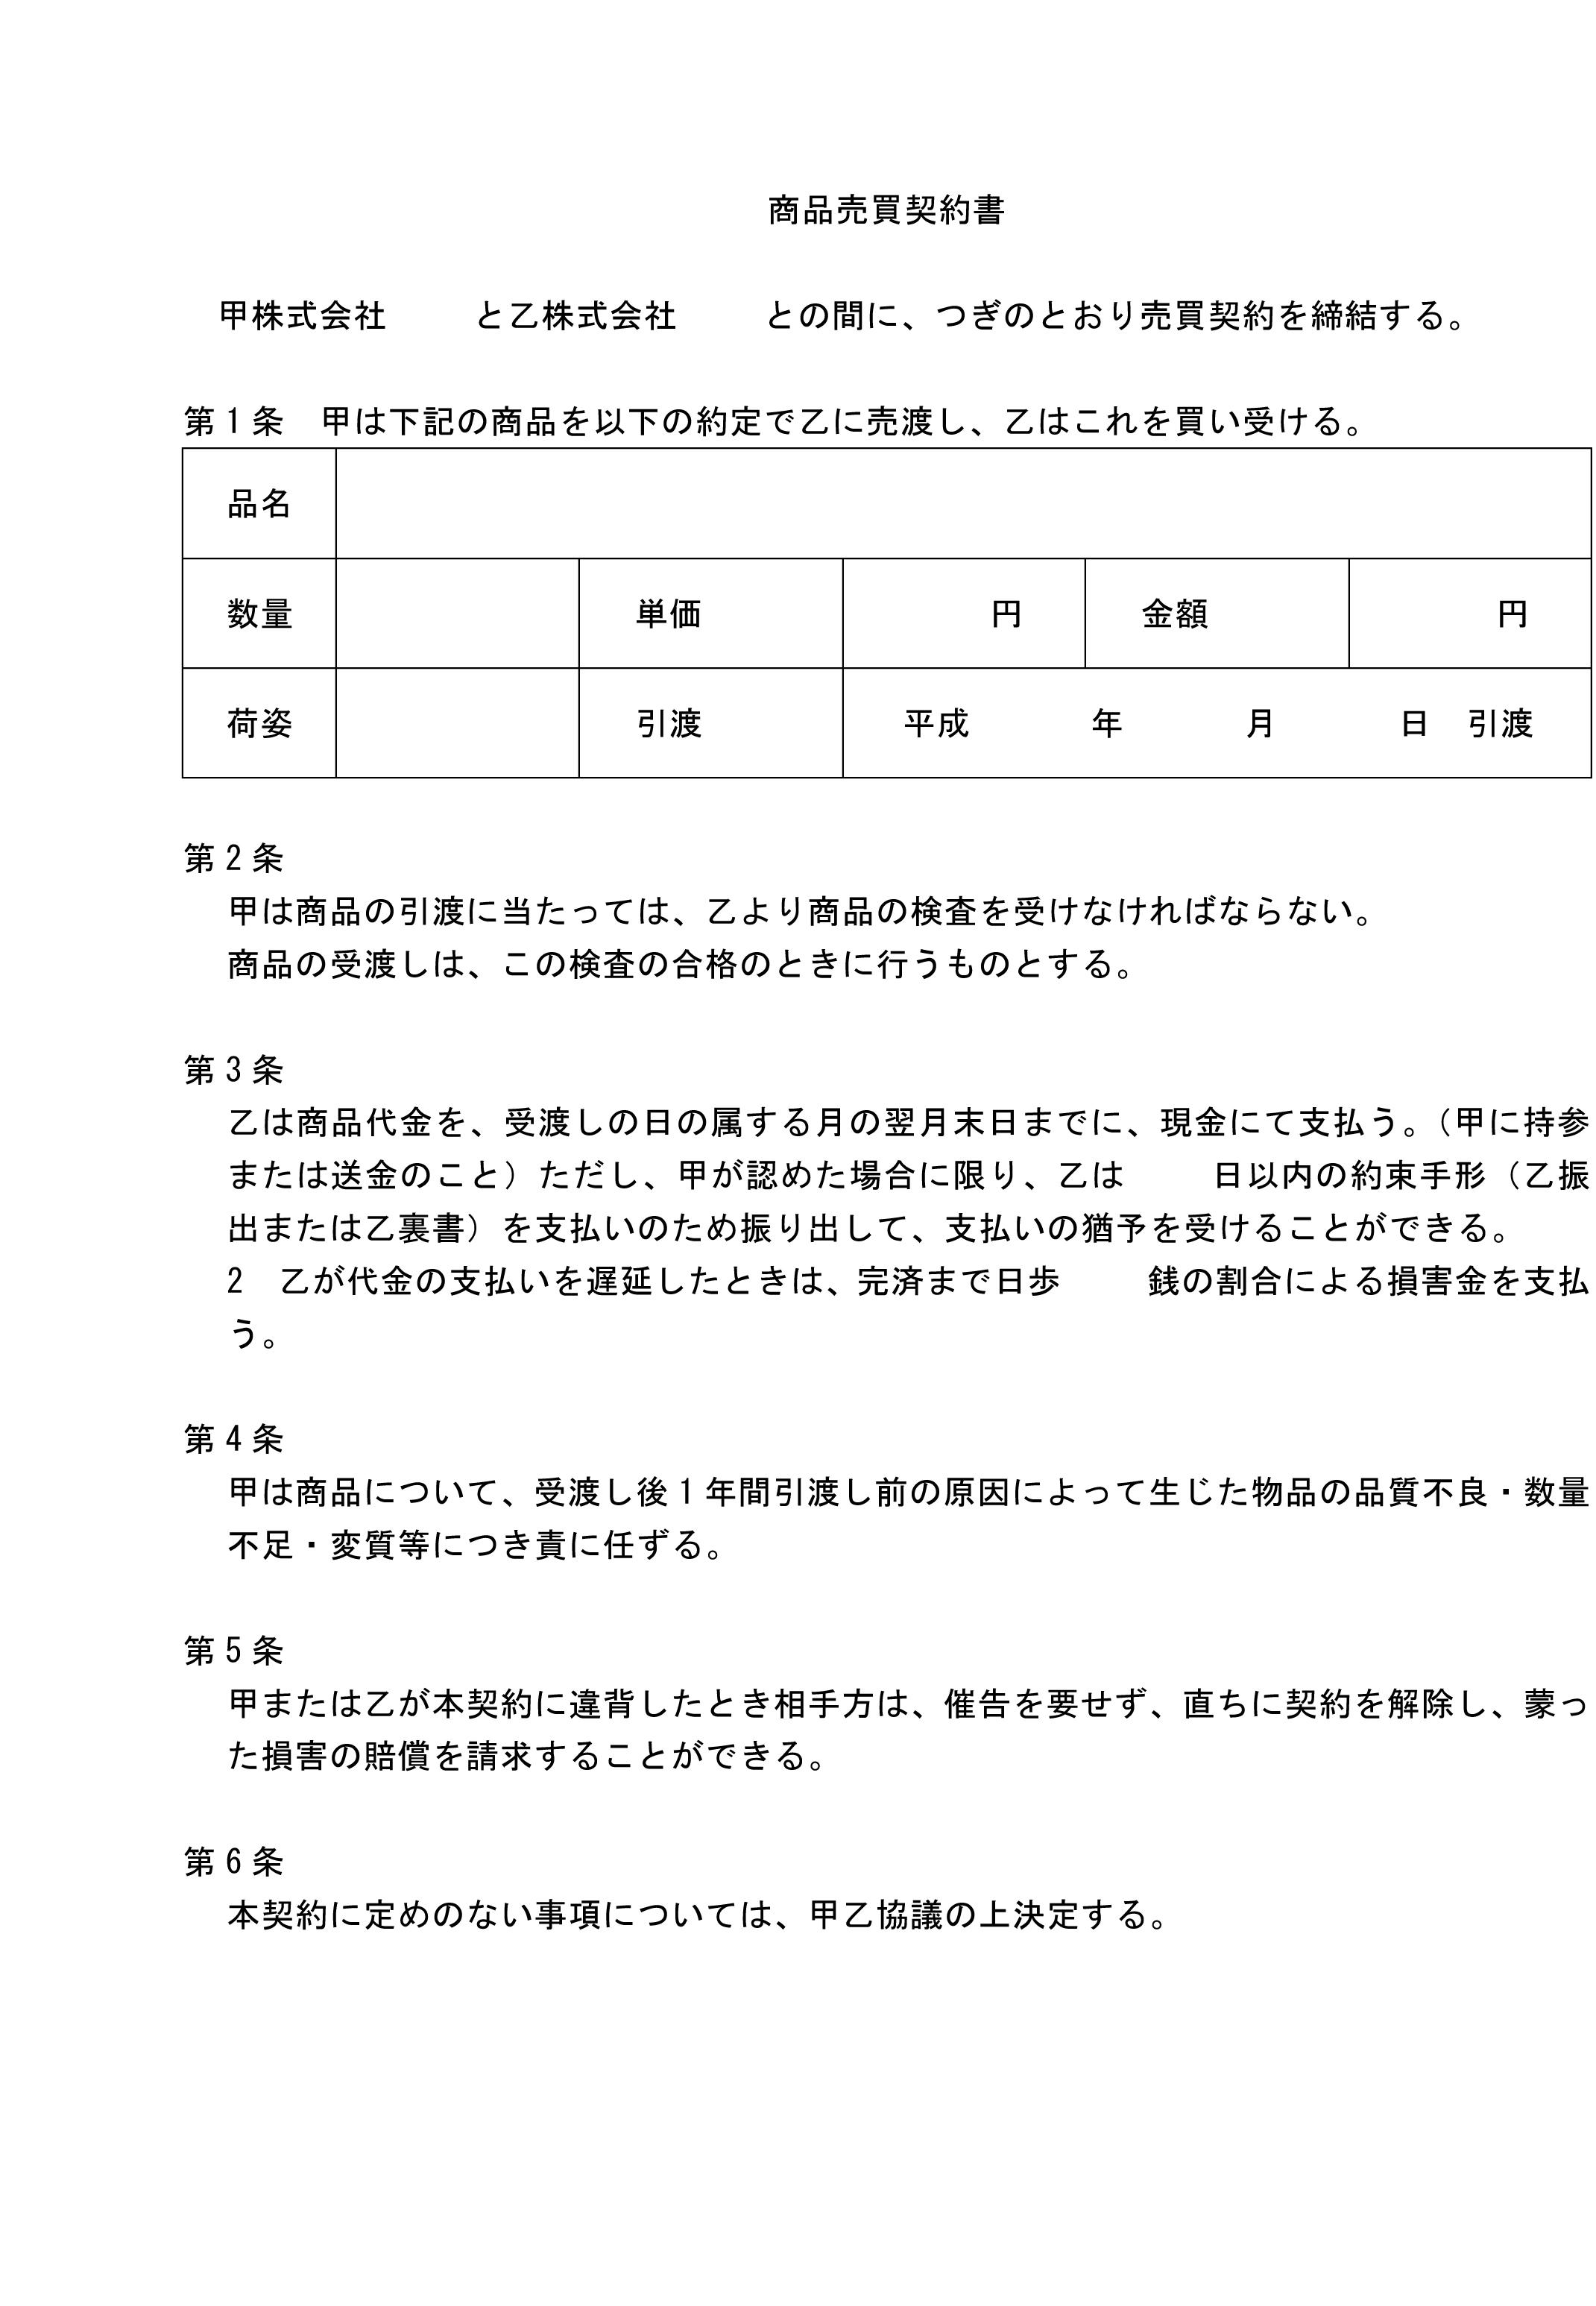 商品売買契約書03